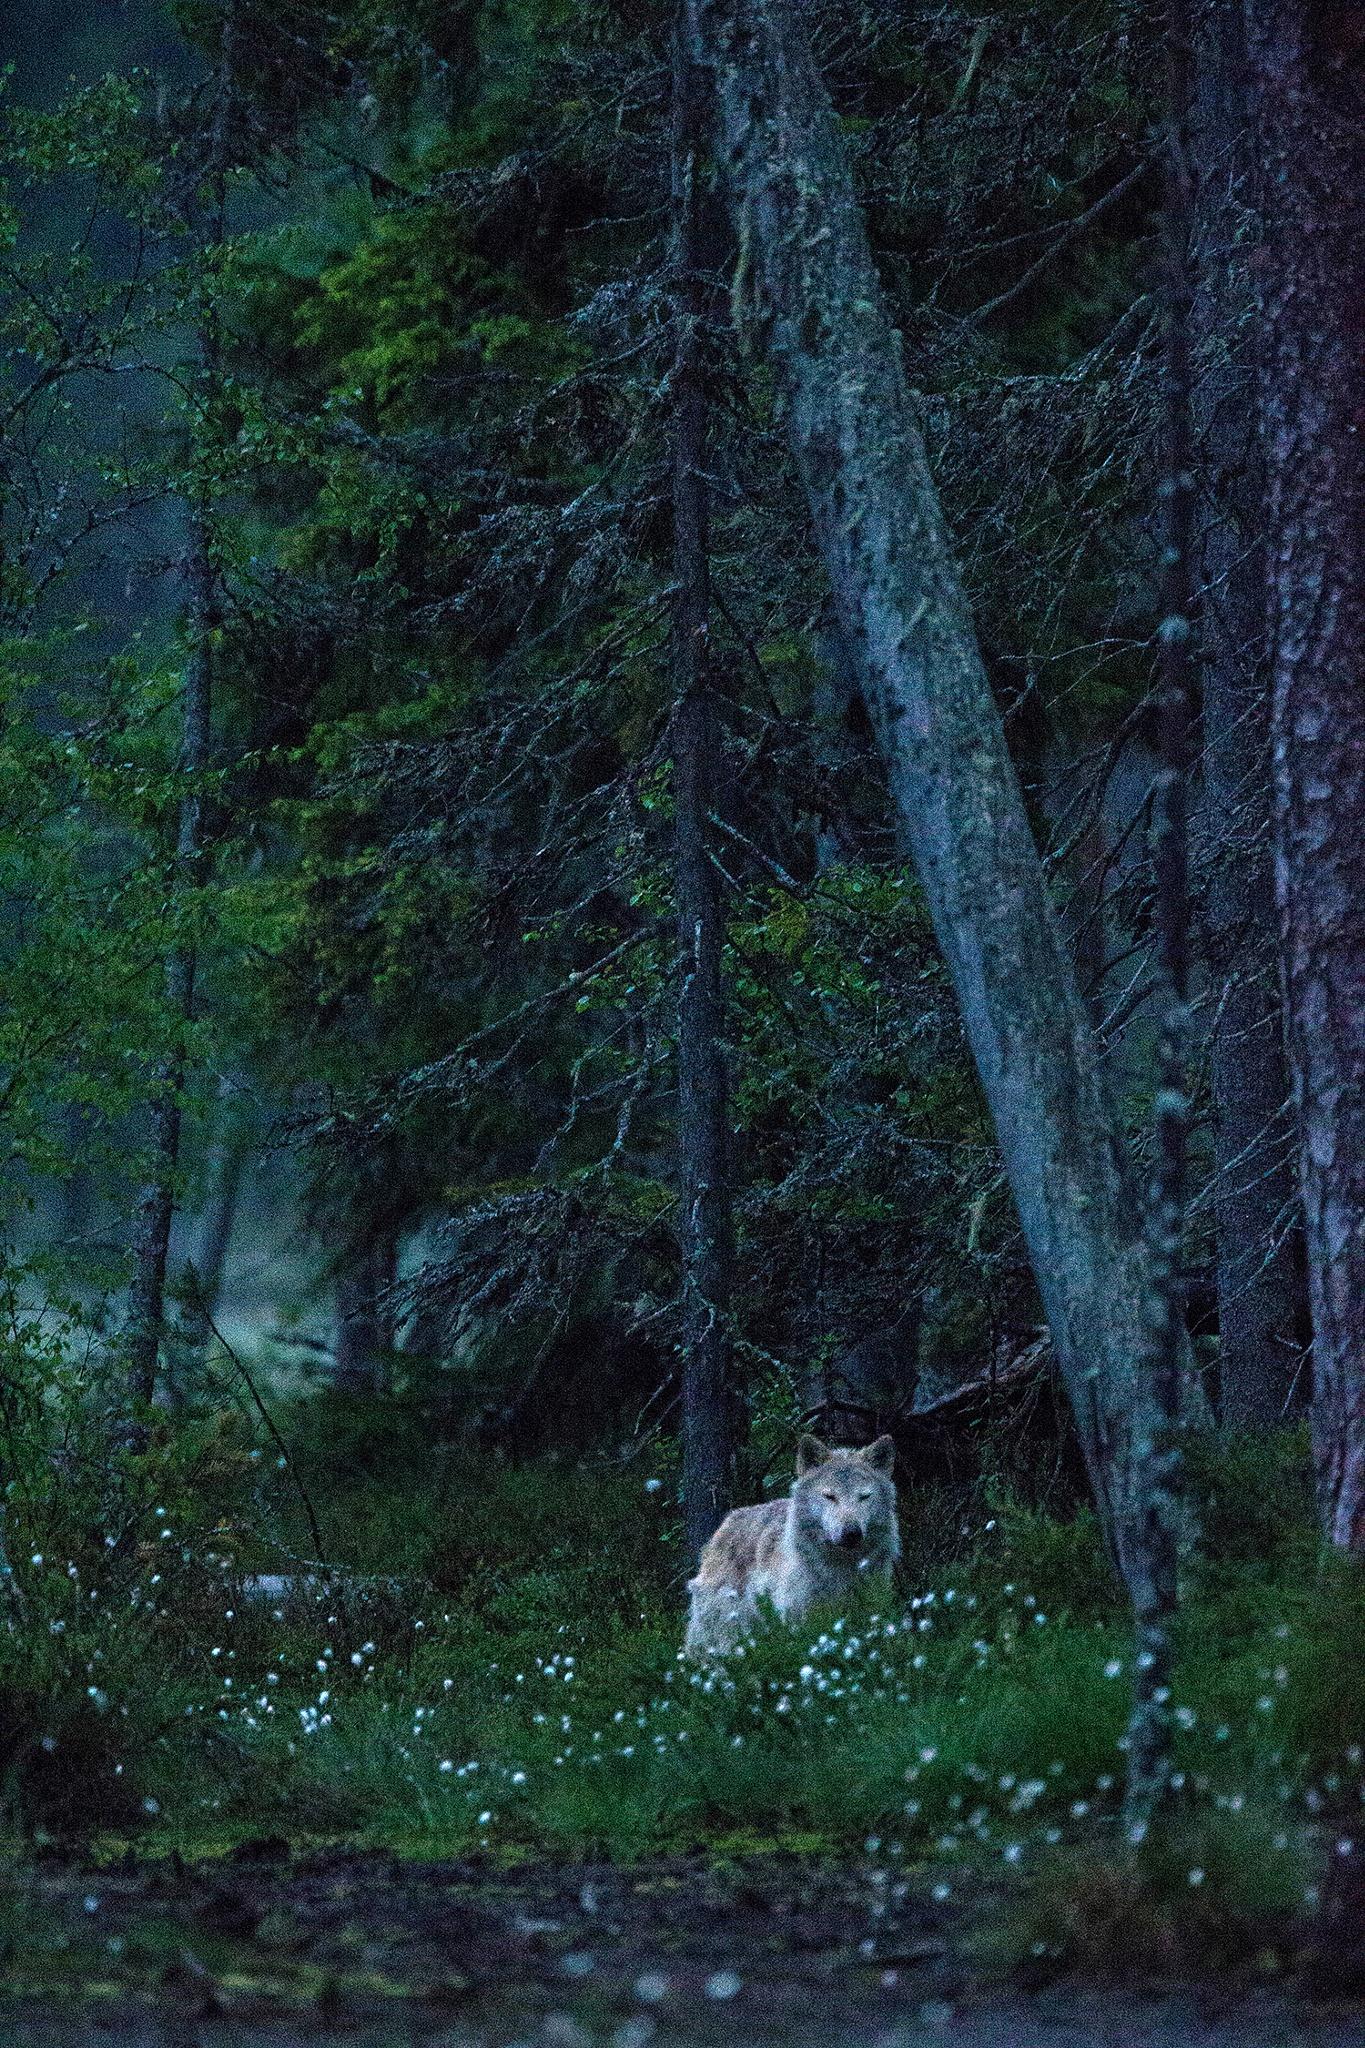 Nordic night by Håkan Liljenberg